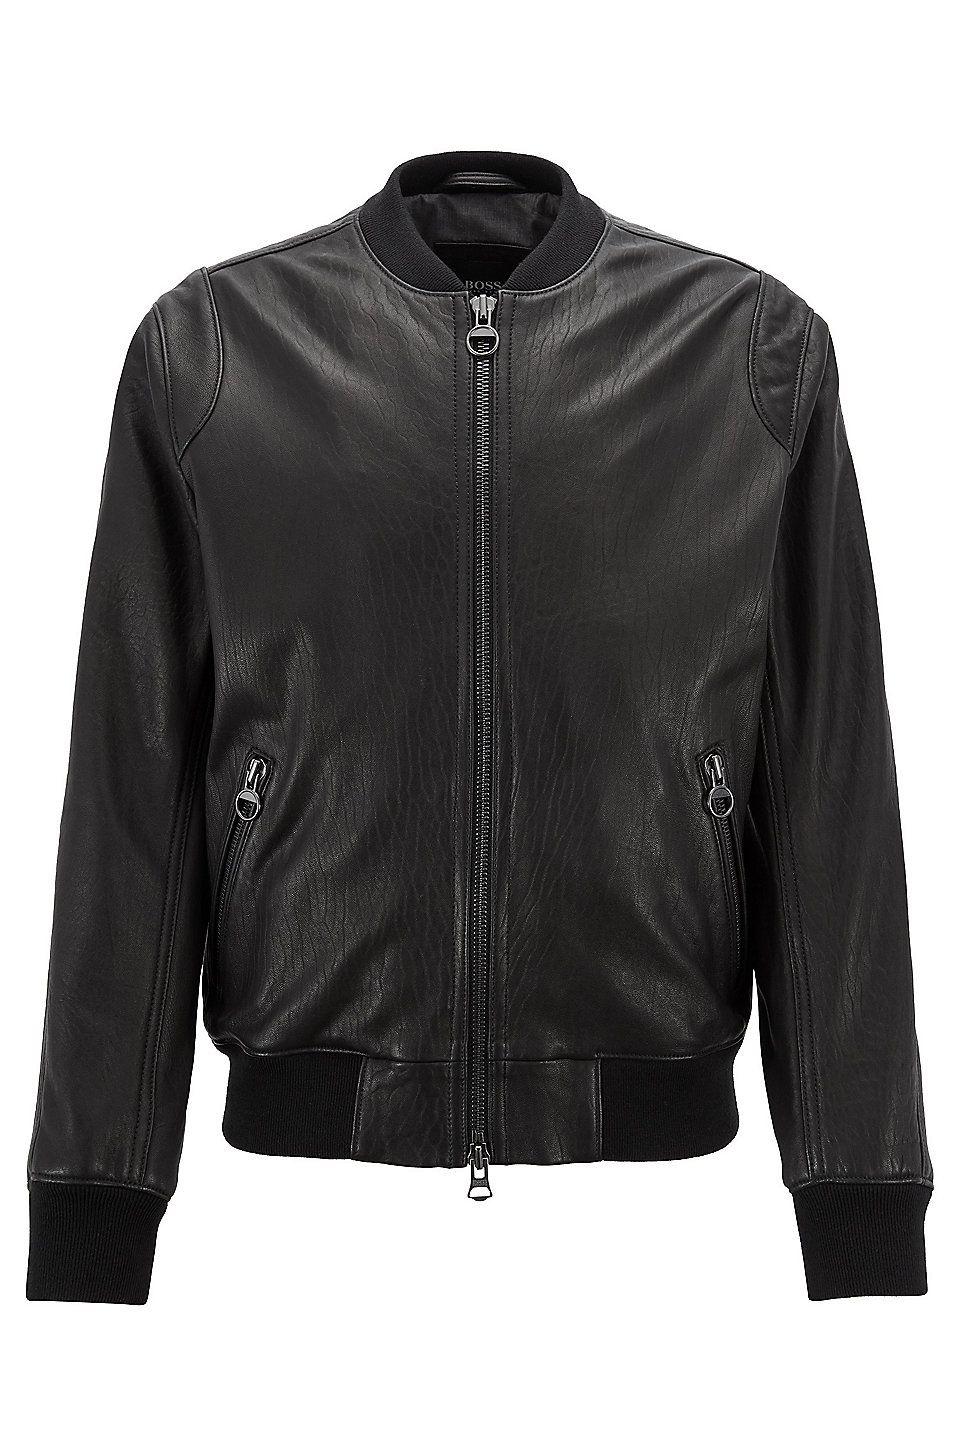 Hugo Boss Slim Fit Bomber Jacket In New Zealand Lambskin Black Leather Jackets From Boss Leather Jacket Outfit Men Slim Fit Bomber Jacket Leather Sweatshirt [ 1456 x 960 Pixel ]